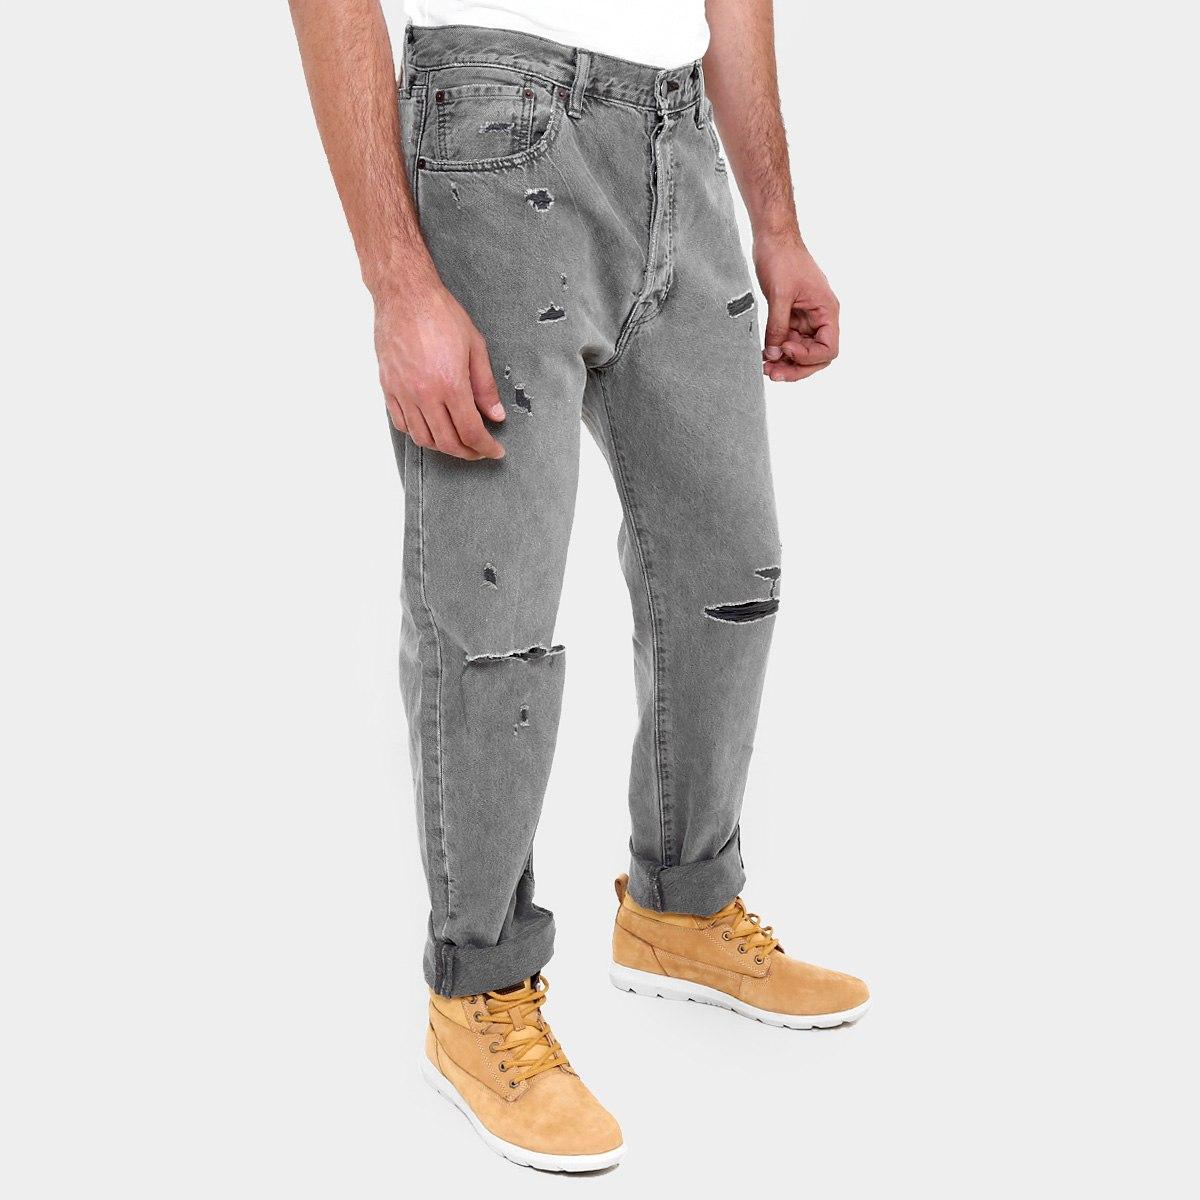 Netshoes: Levis Pantalones Antiasaltos o de Bajo Perfil + Levi's 522 Slim Taper Eternal en 655 + Ofertas con 20% OFF extra